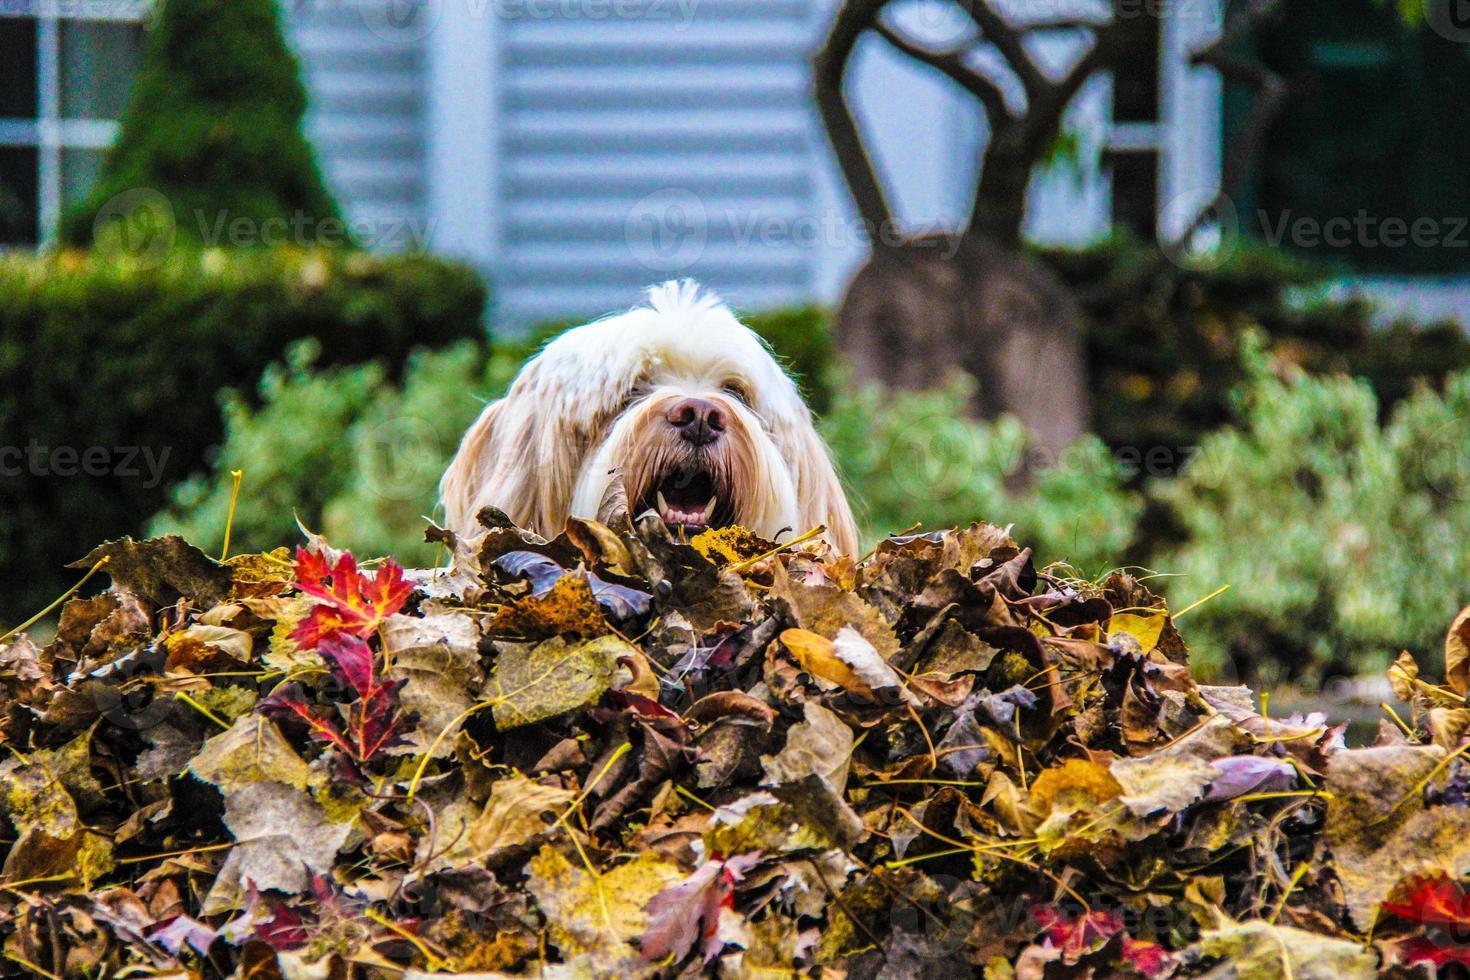 sto raggiungendo il picco sopra il mucchio di foglie foto